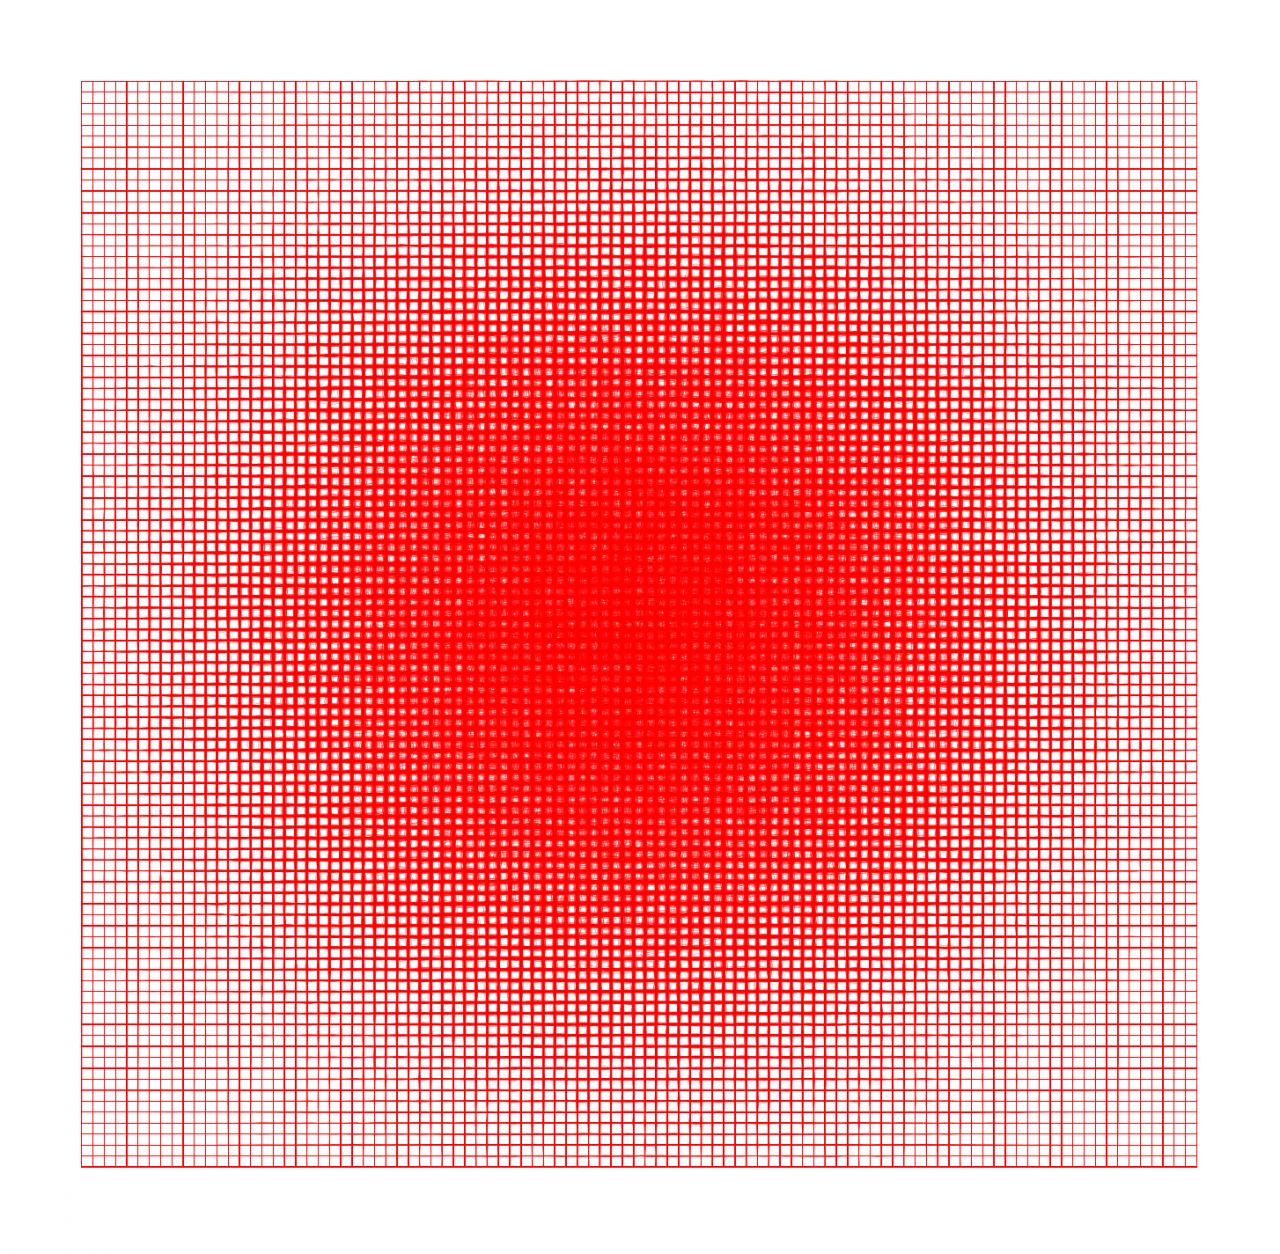 2D-Quadrat roter Gitterlinien, die sich zur Mitte hin in Form eines Kreises verdichten